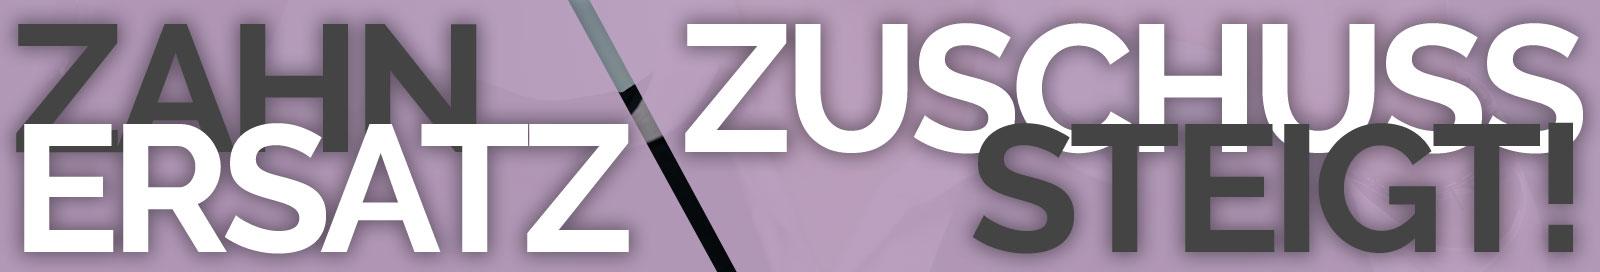 zahnersatz-banner